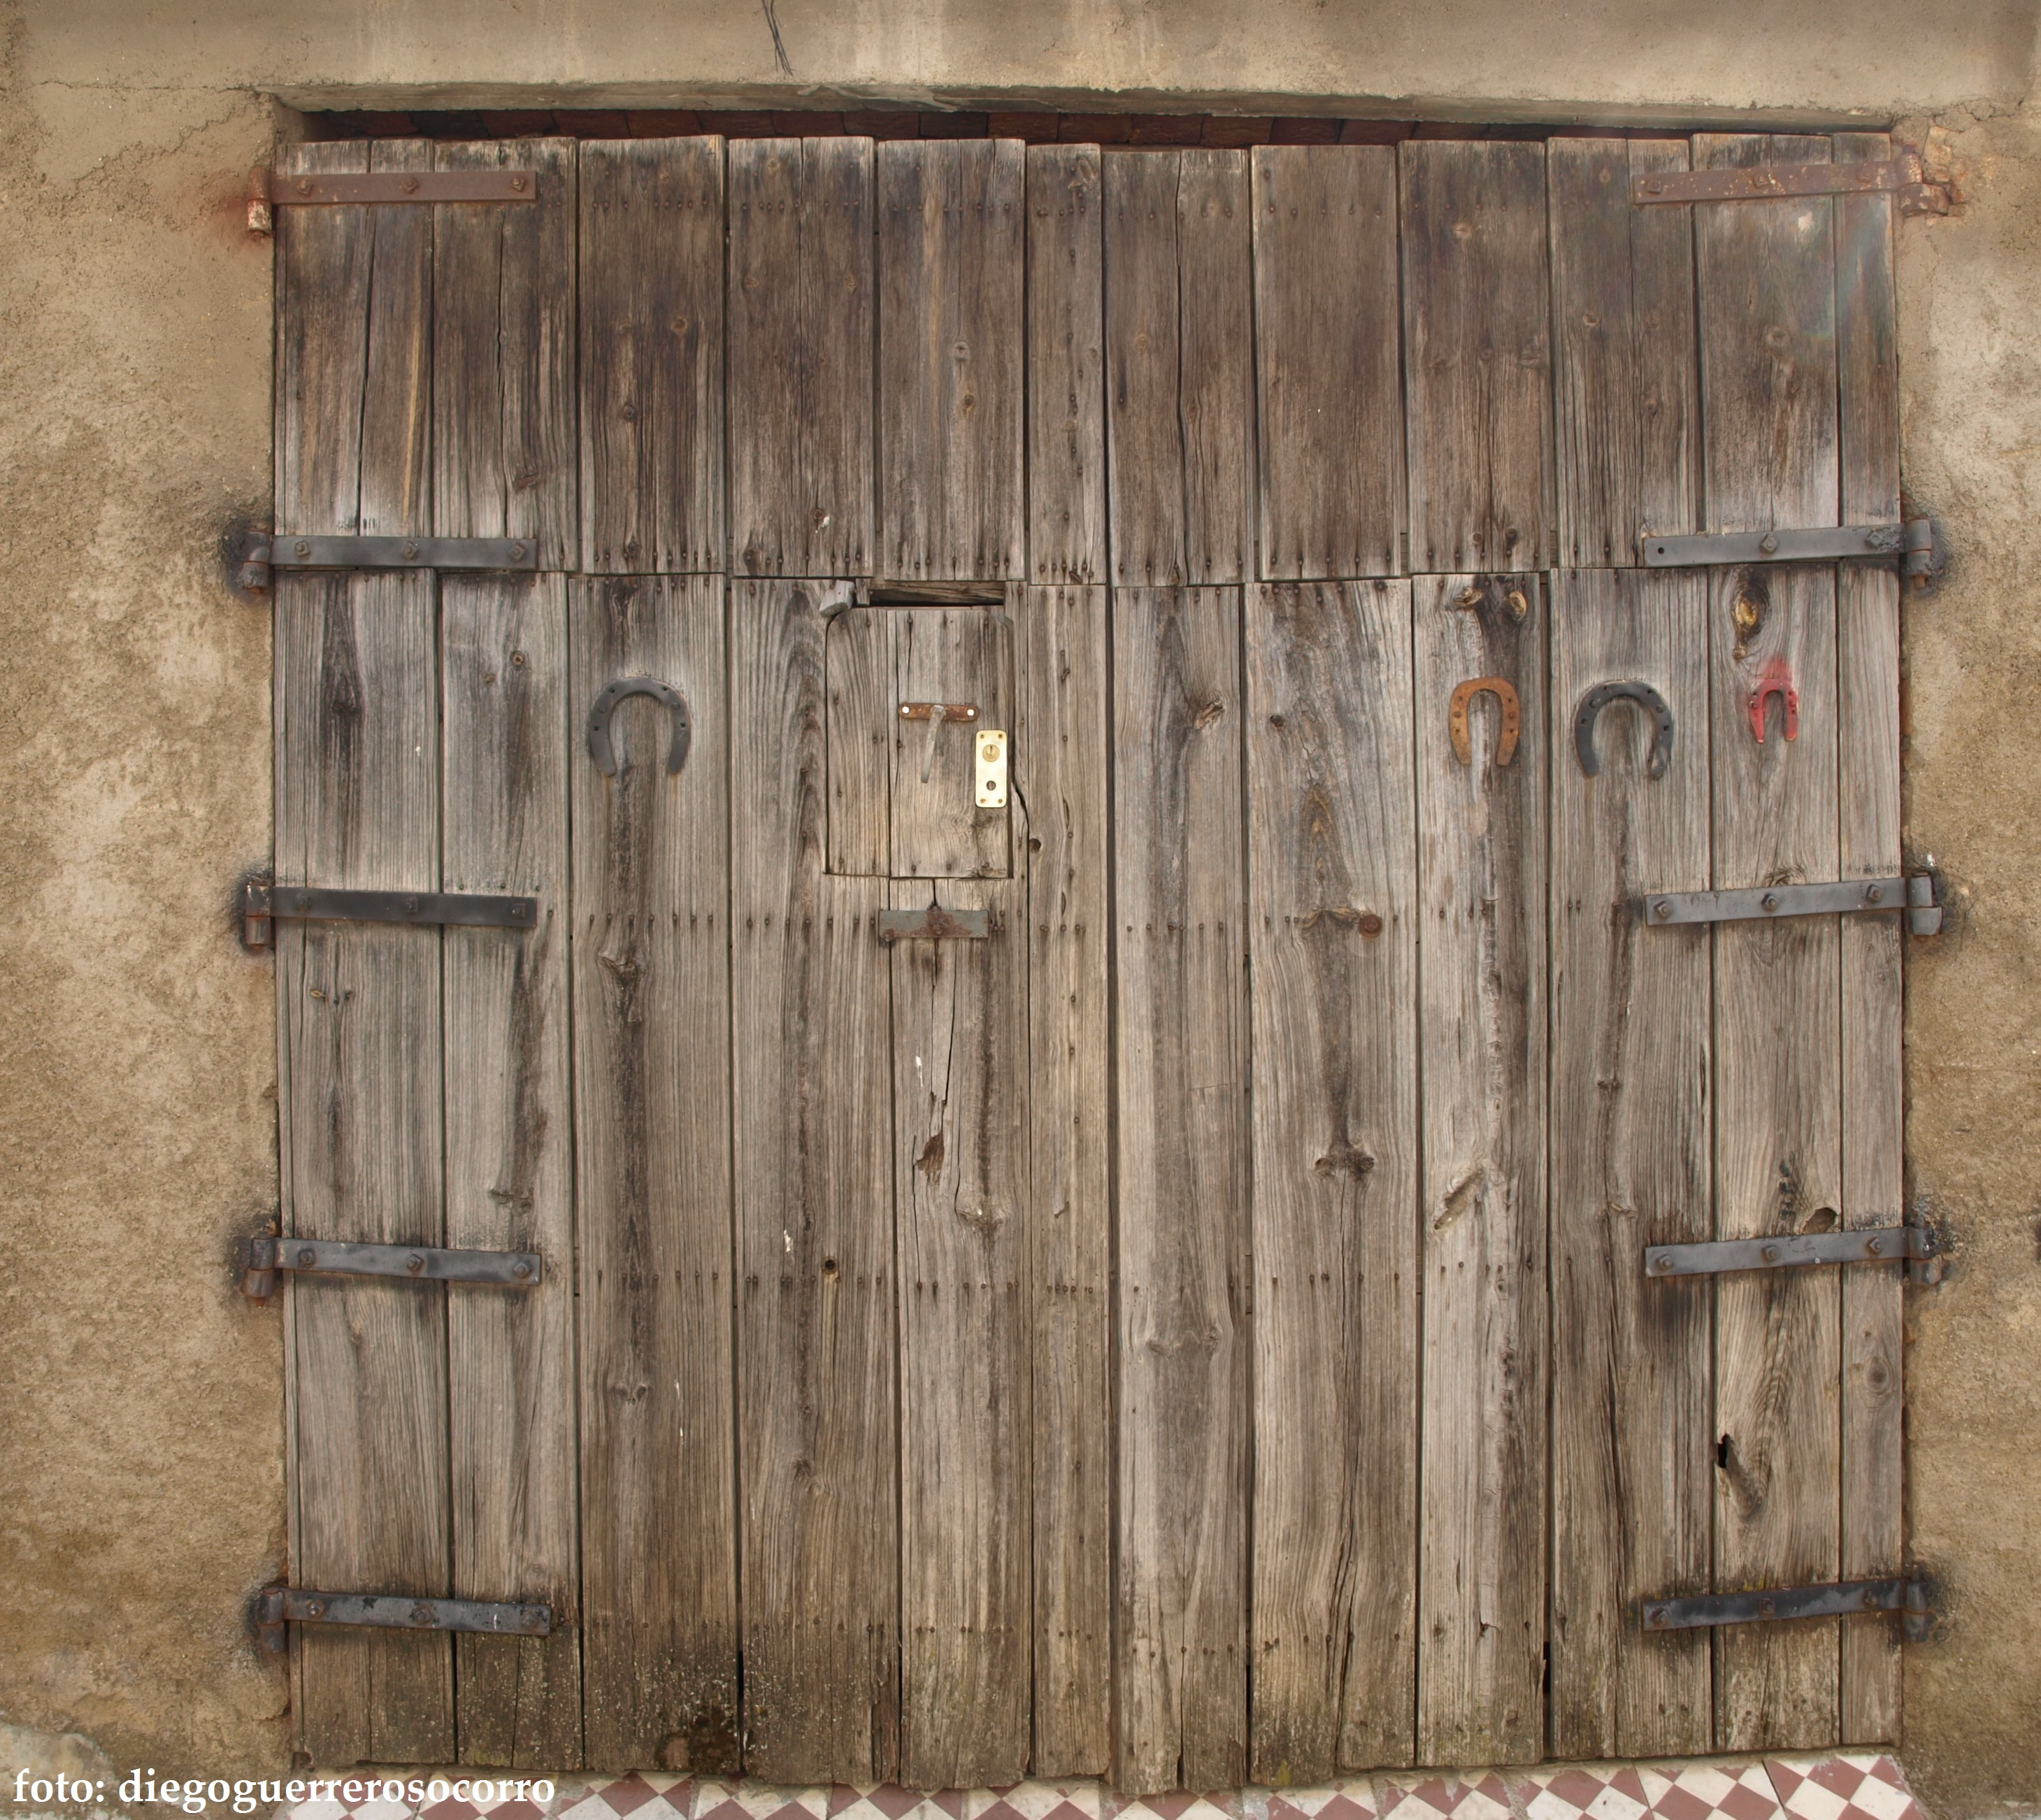 Asociaci n cultural amigos de salvatierra 236 usos y for Puertas de cuarterones antiguas